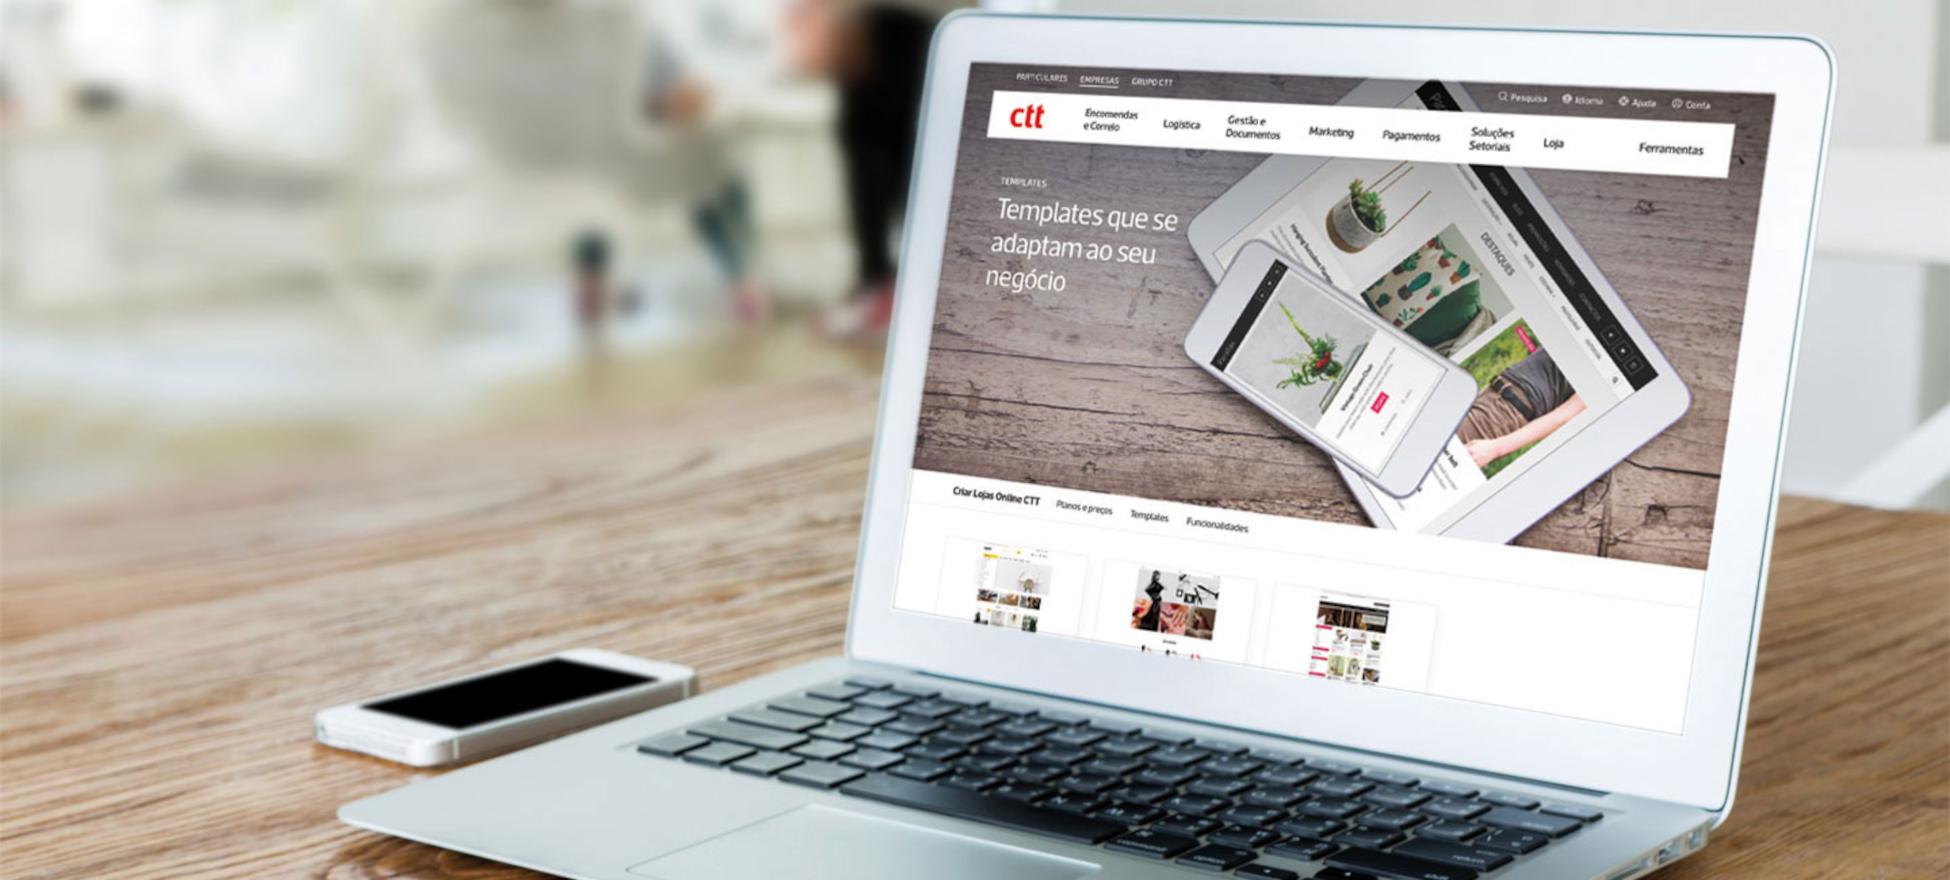 CTT e Câmara Municipal de Borba celebram protocolo no âmbito da criação de lojas online